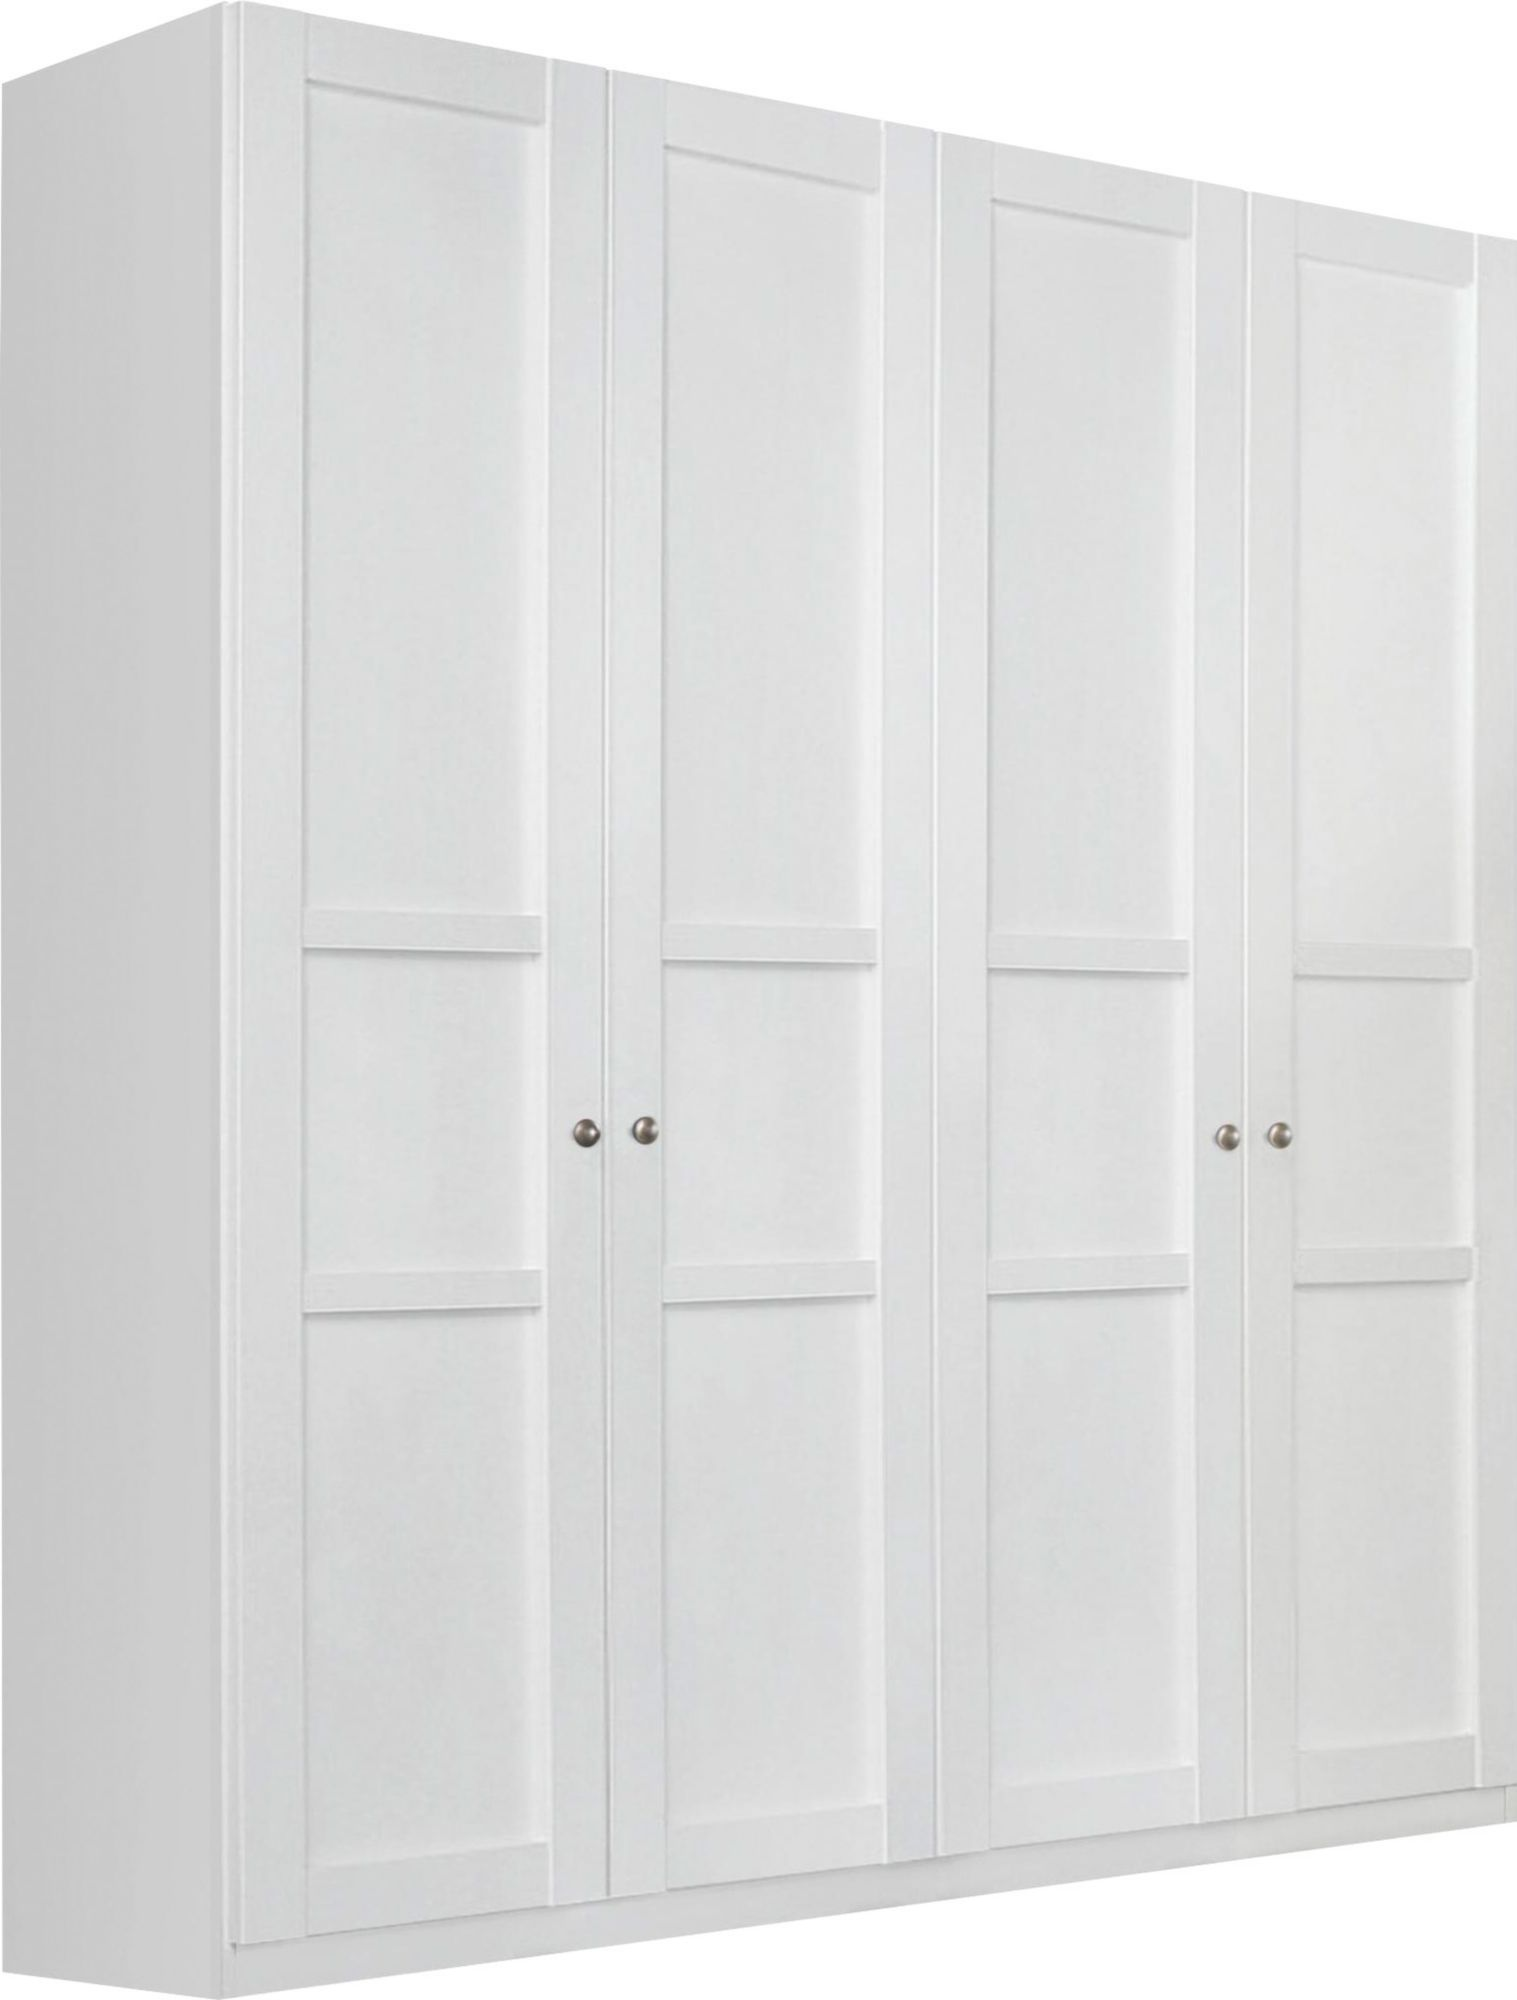 rauch kleiderschrank schwab versand dekoration. Black Bedroom Furniture Sets. Home Design Ideas